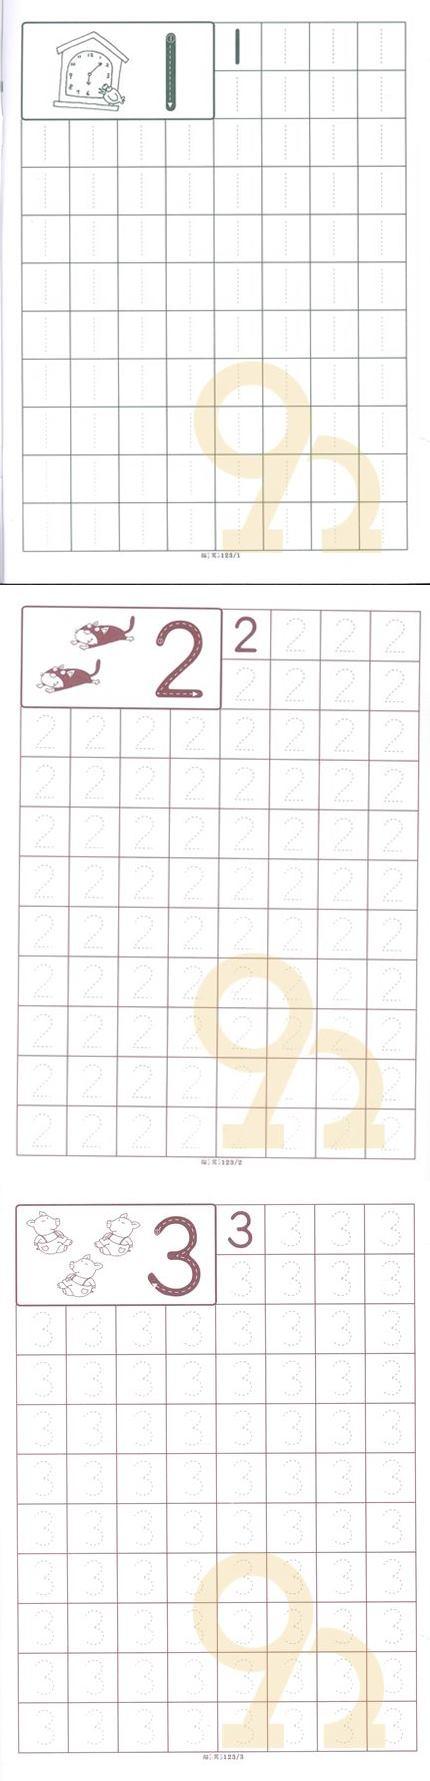 [最も検索された] 運筆練習 - Trendeideas5